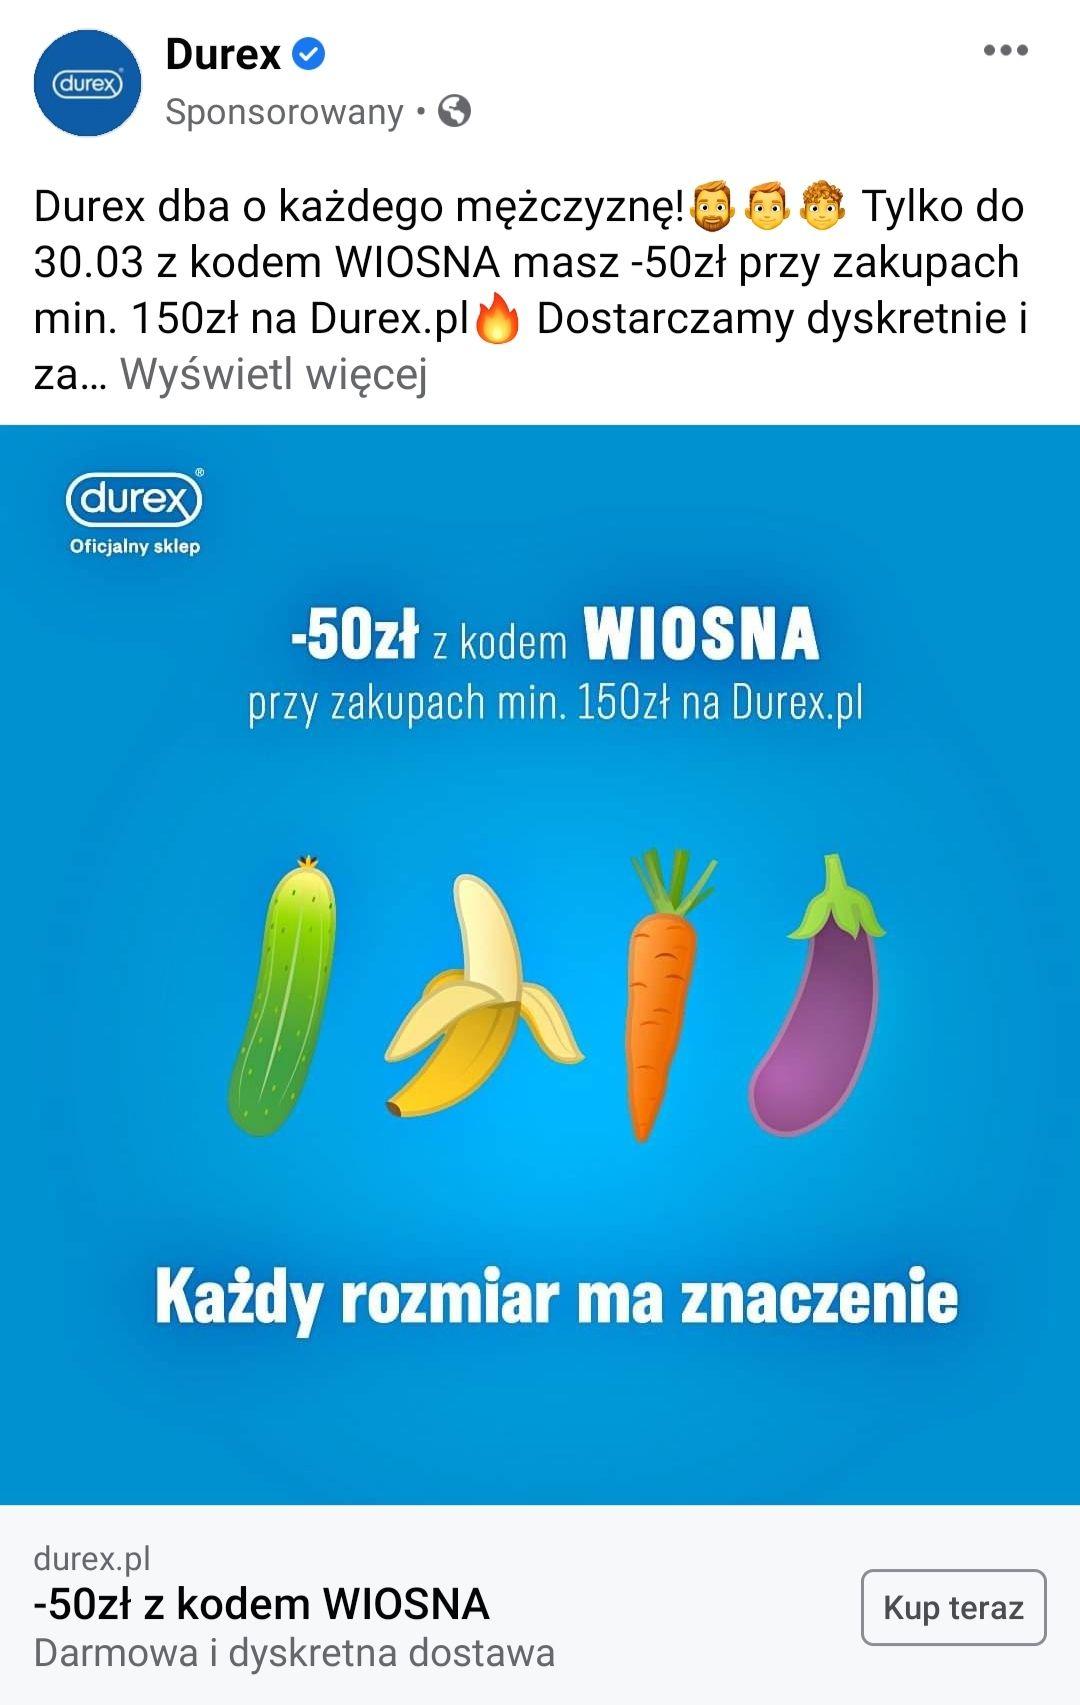 Durex -50 zł przy zamówieniu za 150 zł, darmowa i dyskretna dostawa